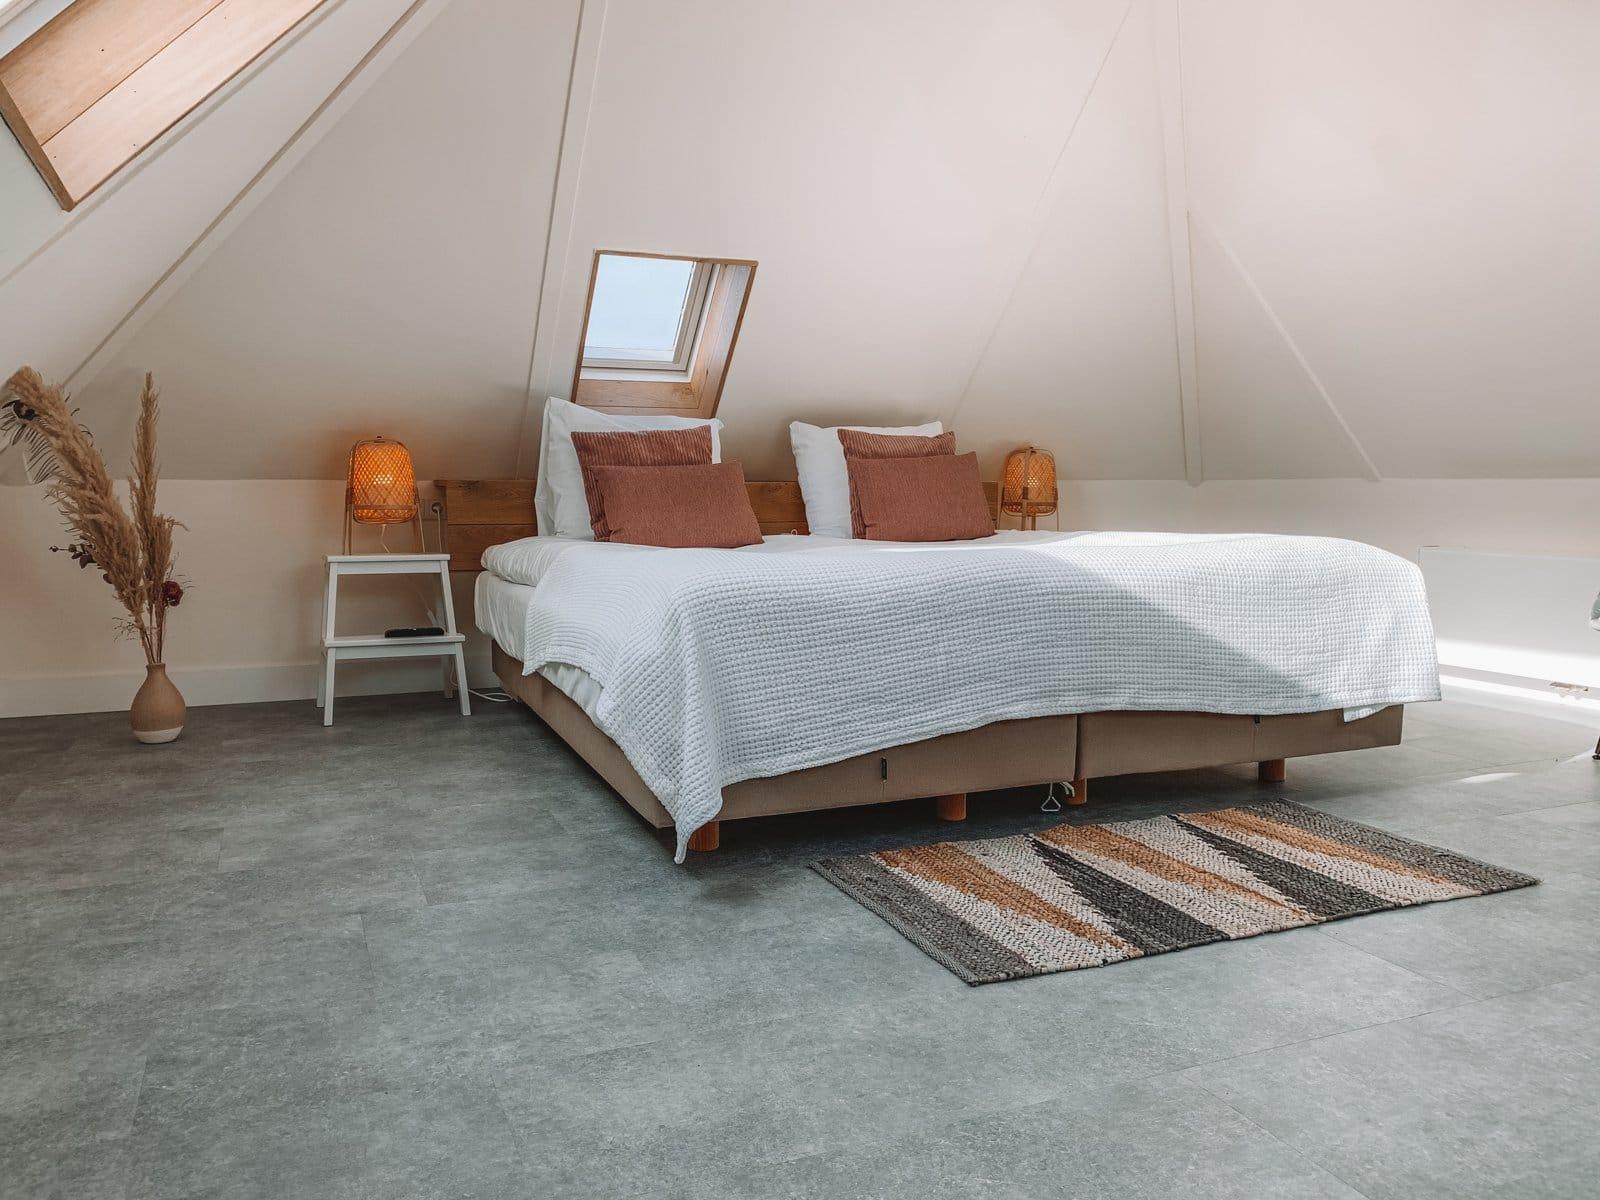 Dit zijn de mooiste en leukste hotels van Nederland!